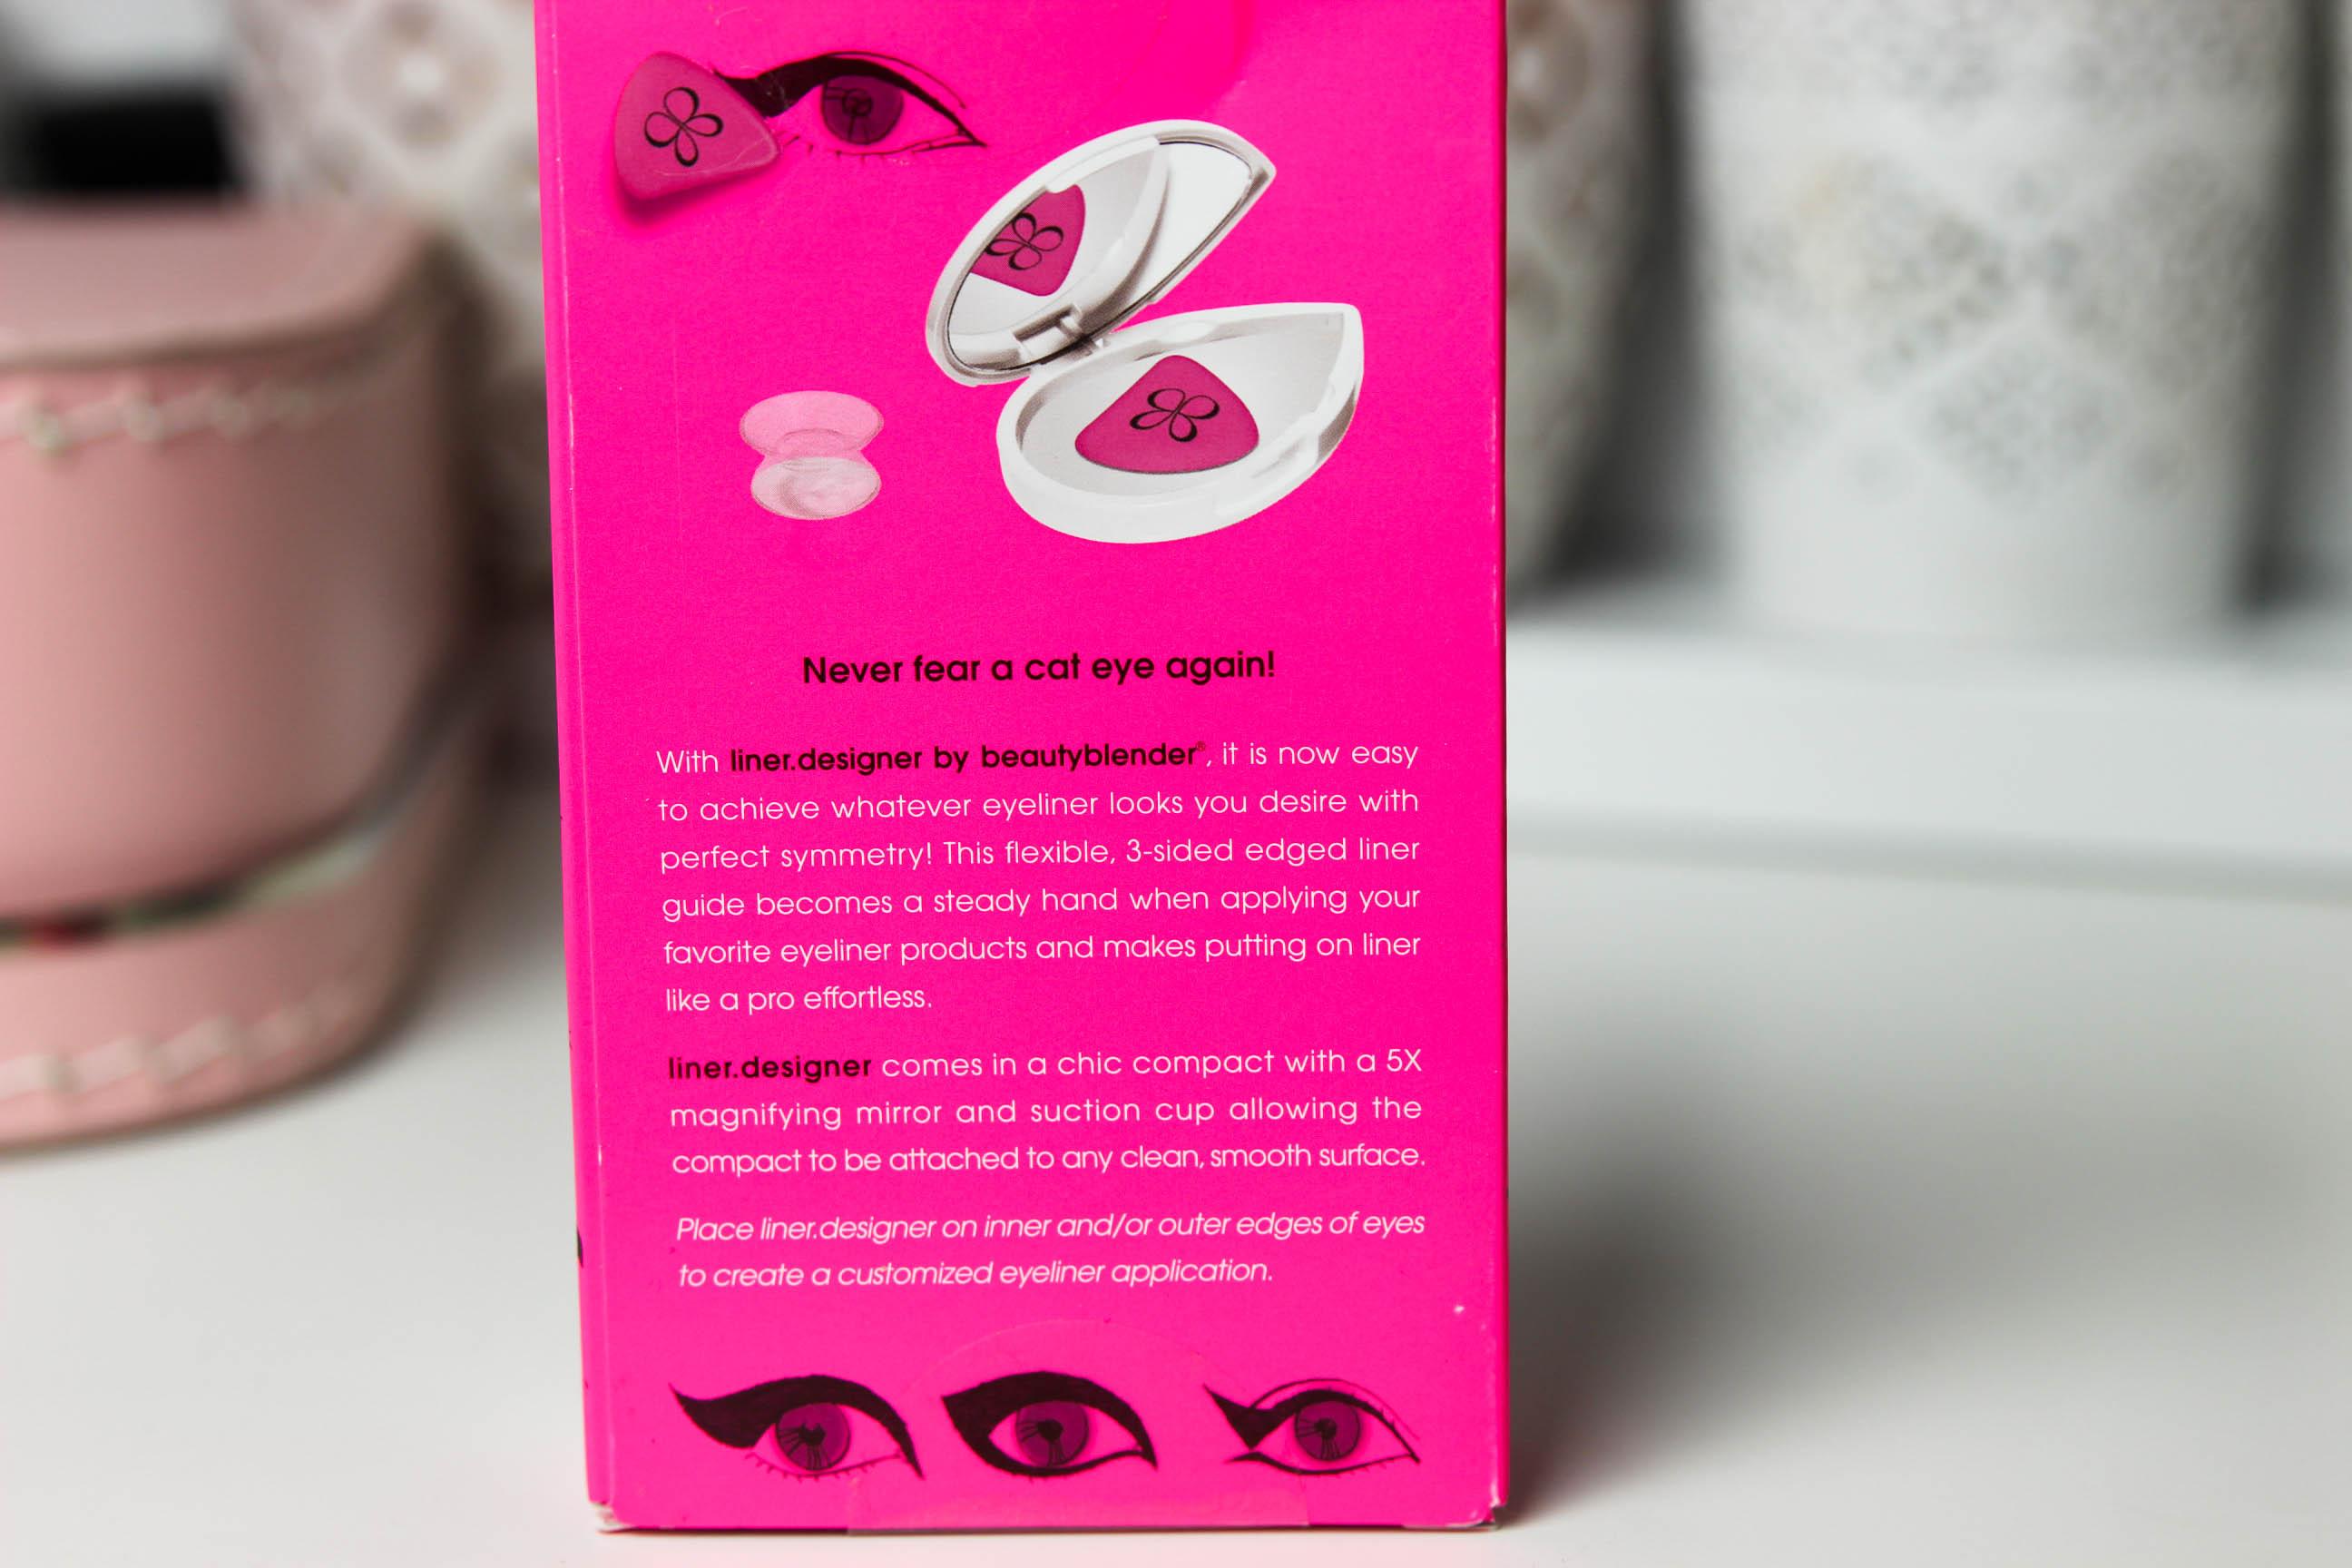 linerdesigner-beautyblender-2